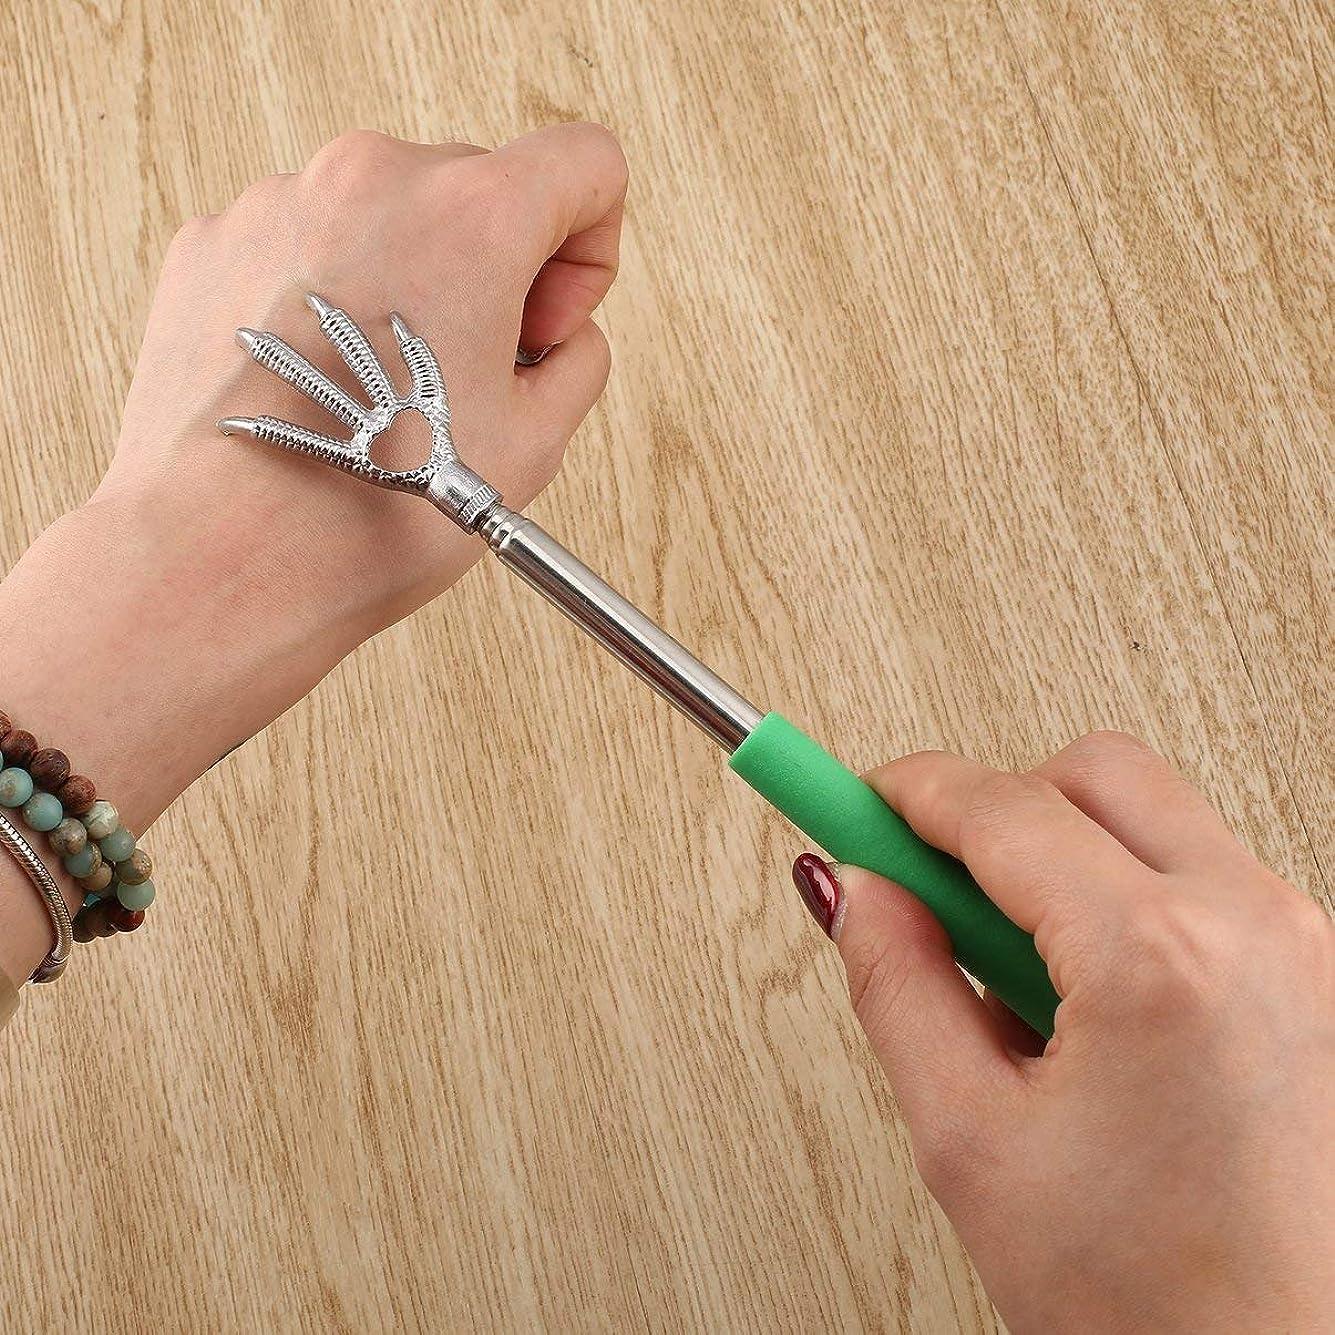 苗液体救援Compact Telescopic Claw Stainless Steel Massager Back Scratcher 22-58cm Adjustable Back Scratching Massage Hand Claw